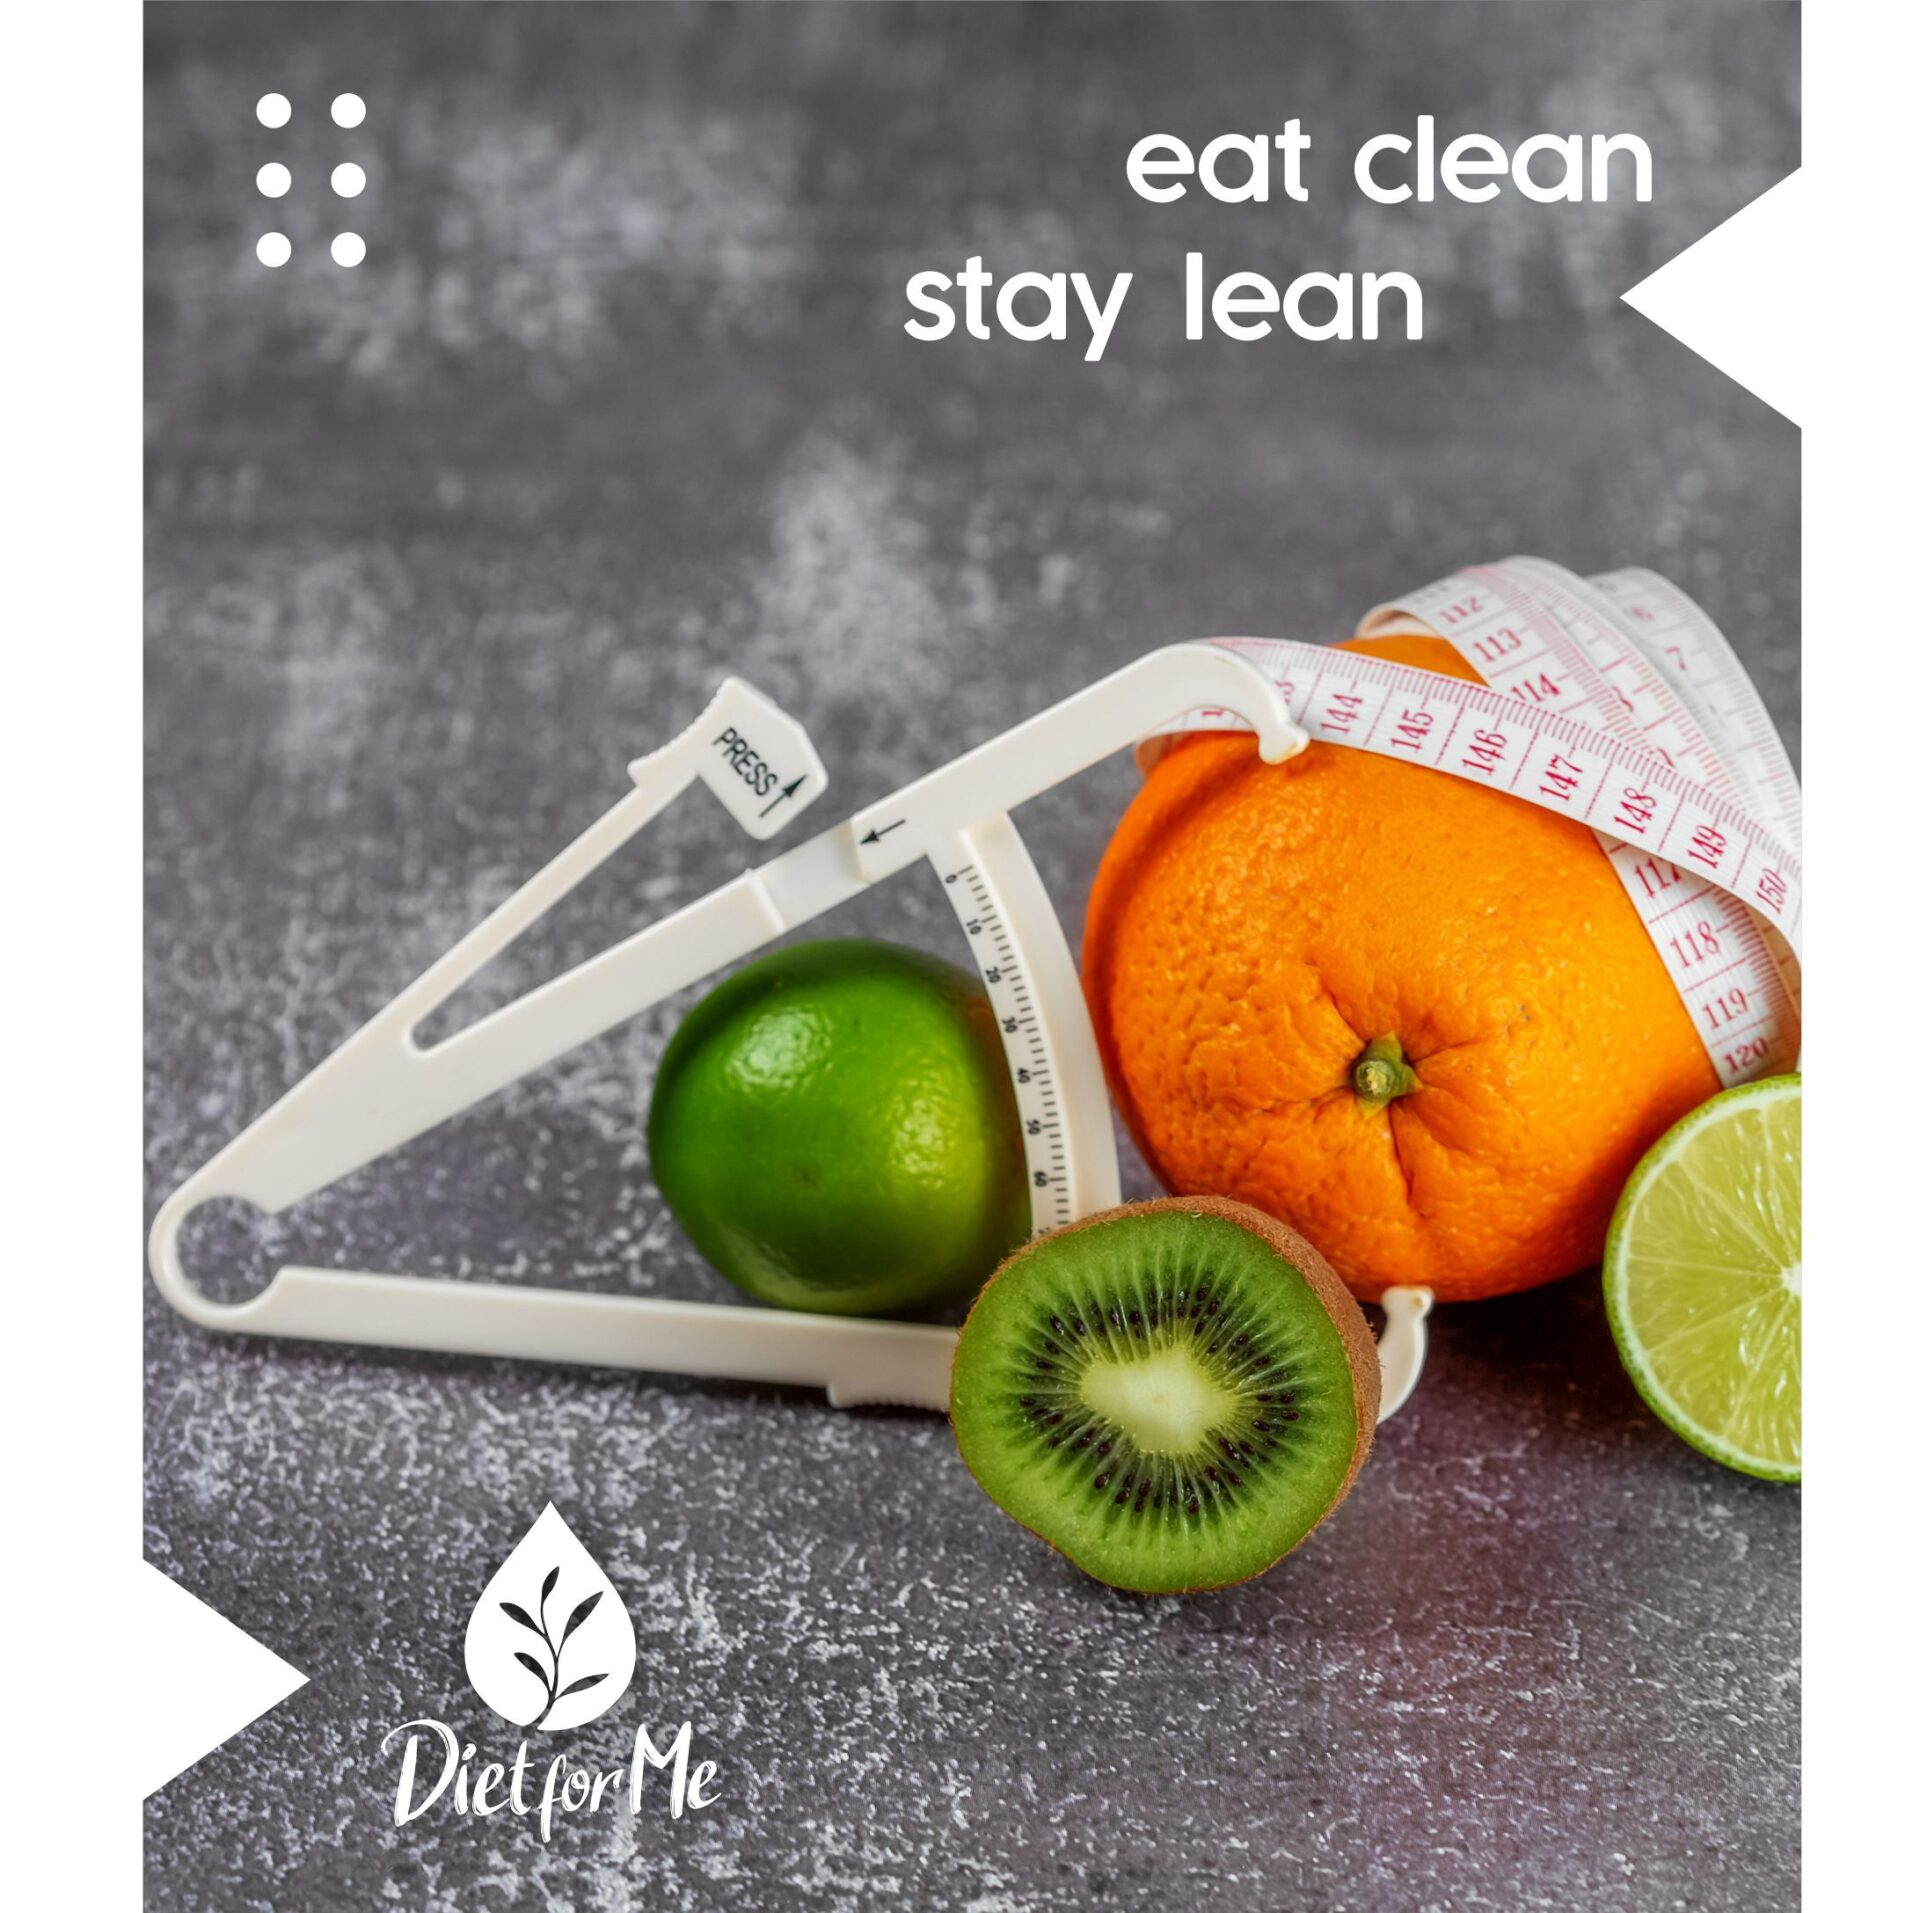 Οργάνωσε τη διατροφή σου άμεσα